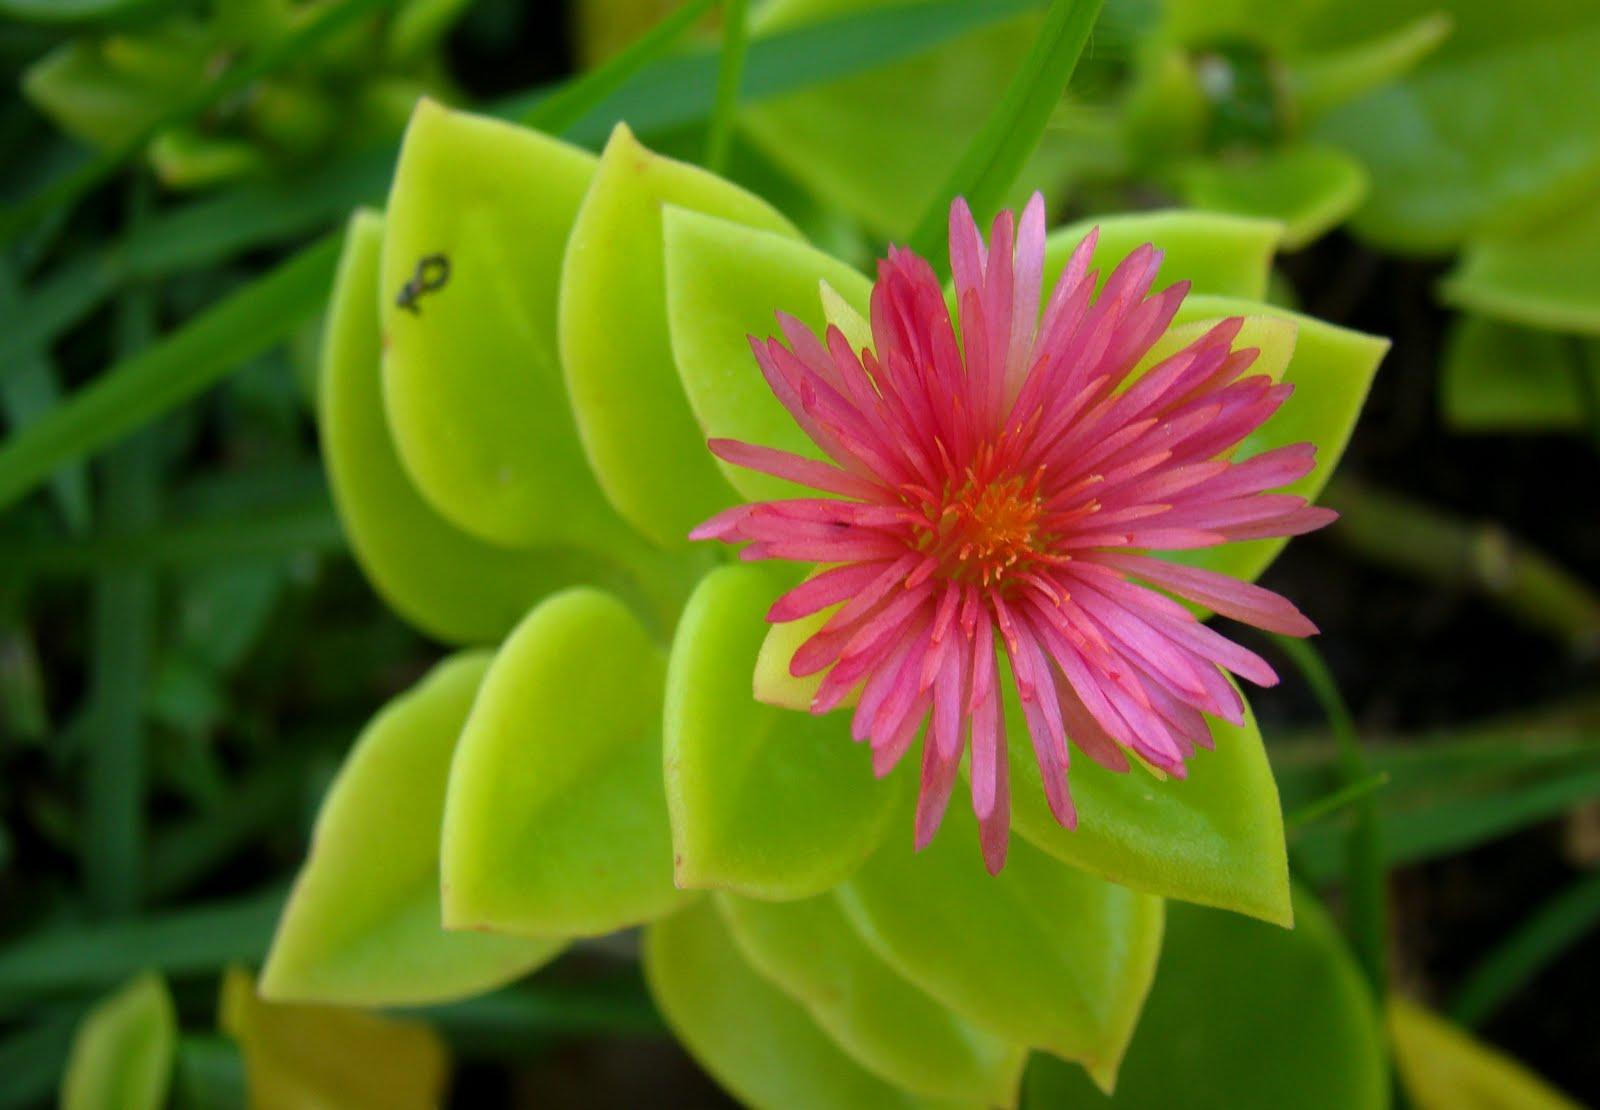 flores de jardim para todo o ano ano todo, o que é bastante atrativo